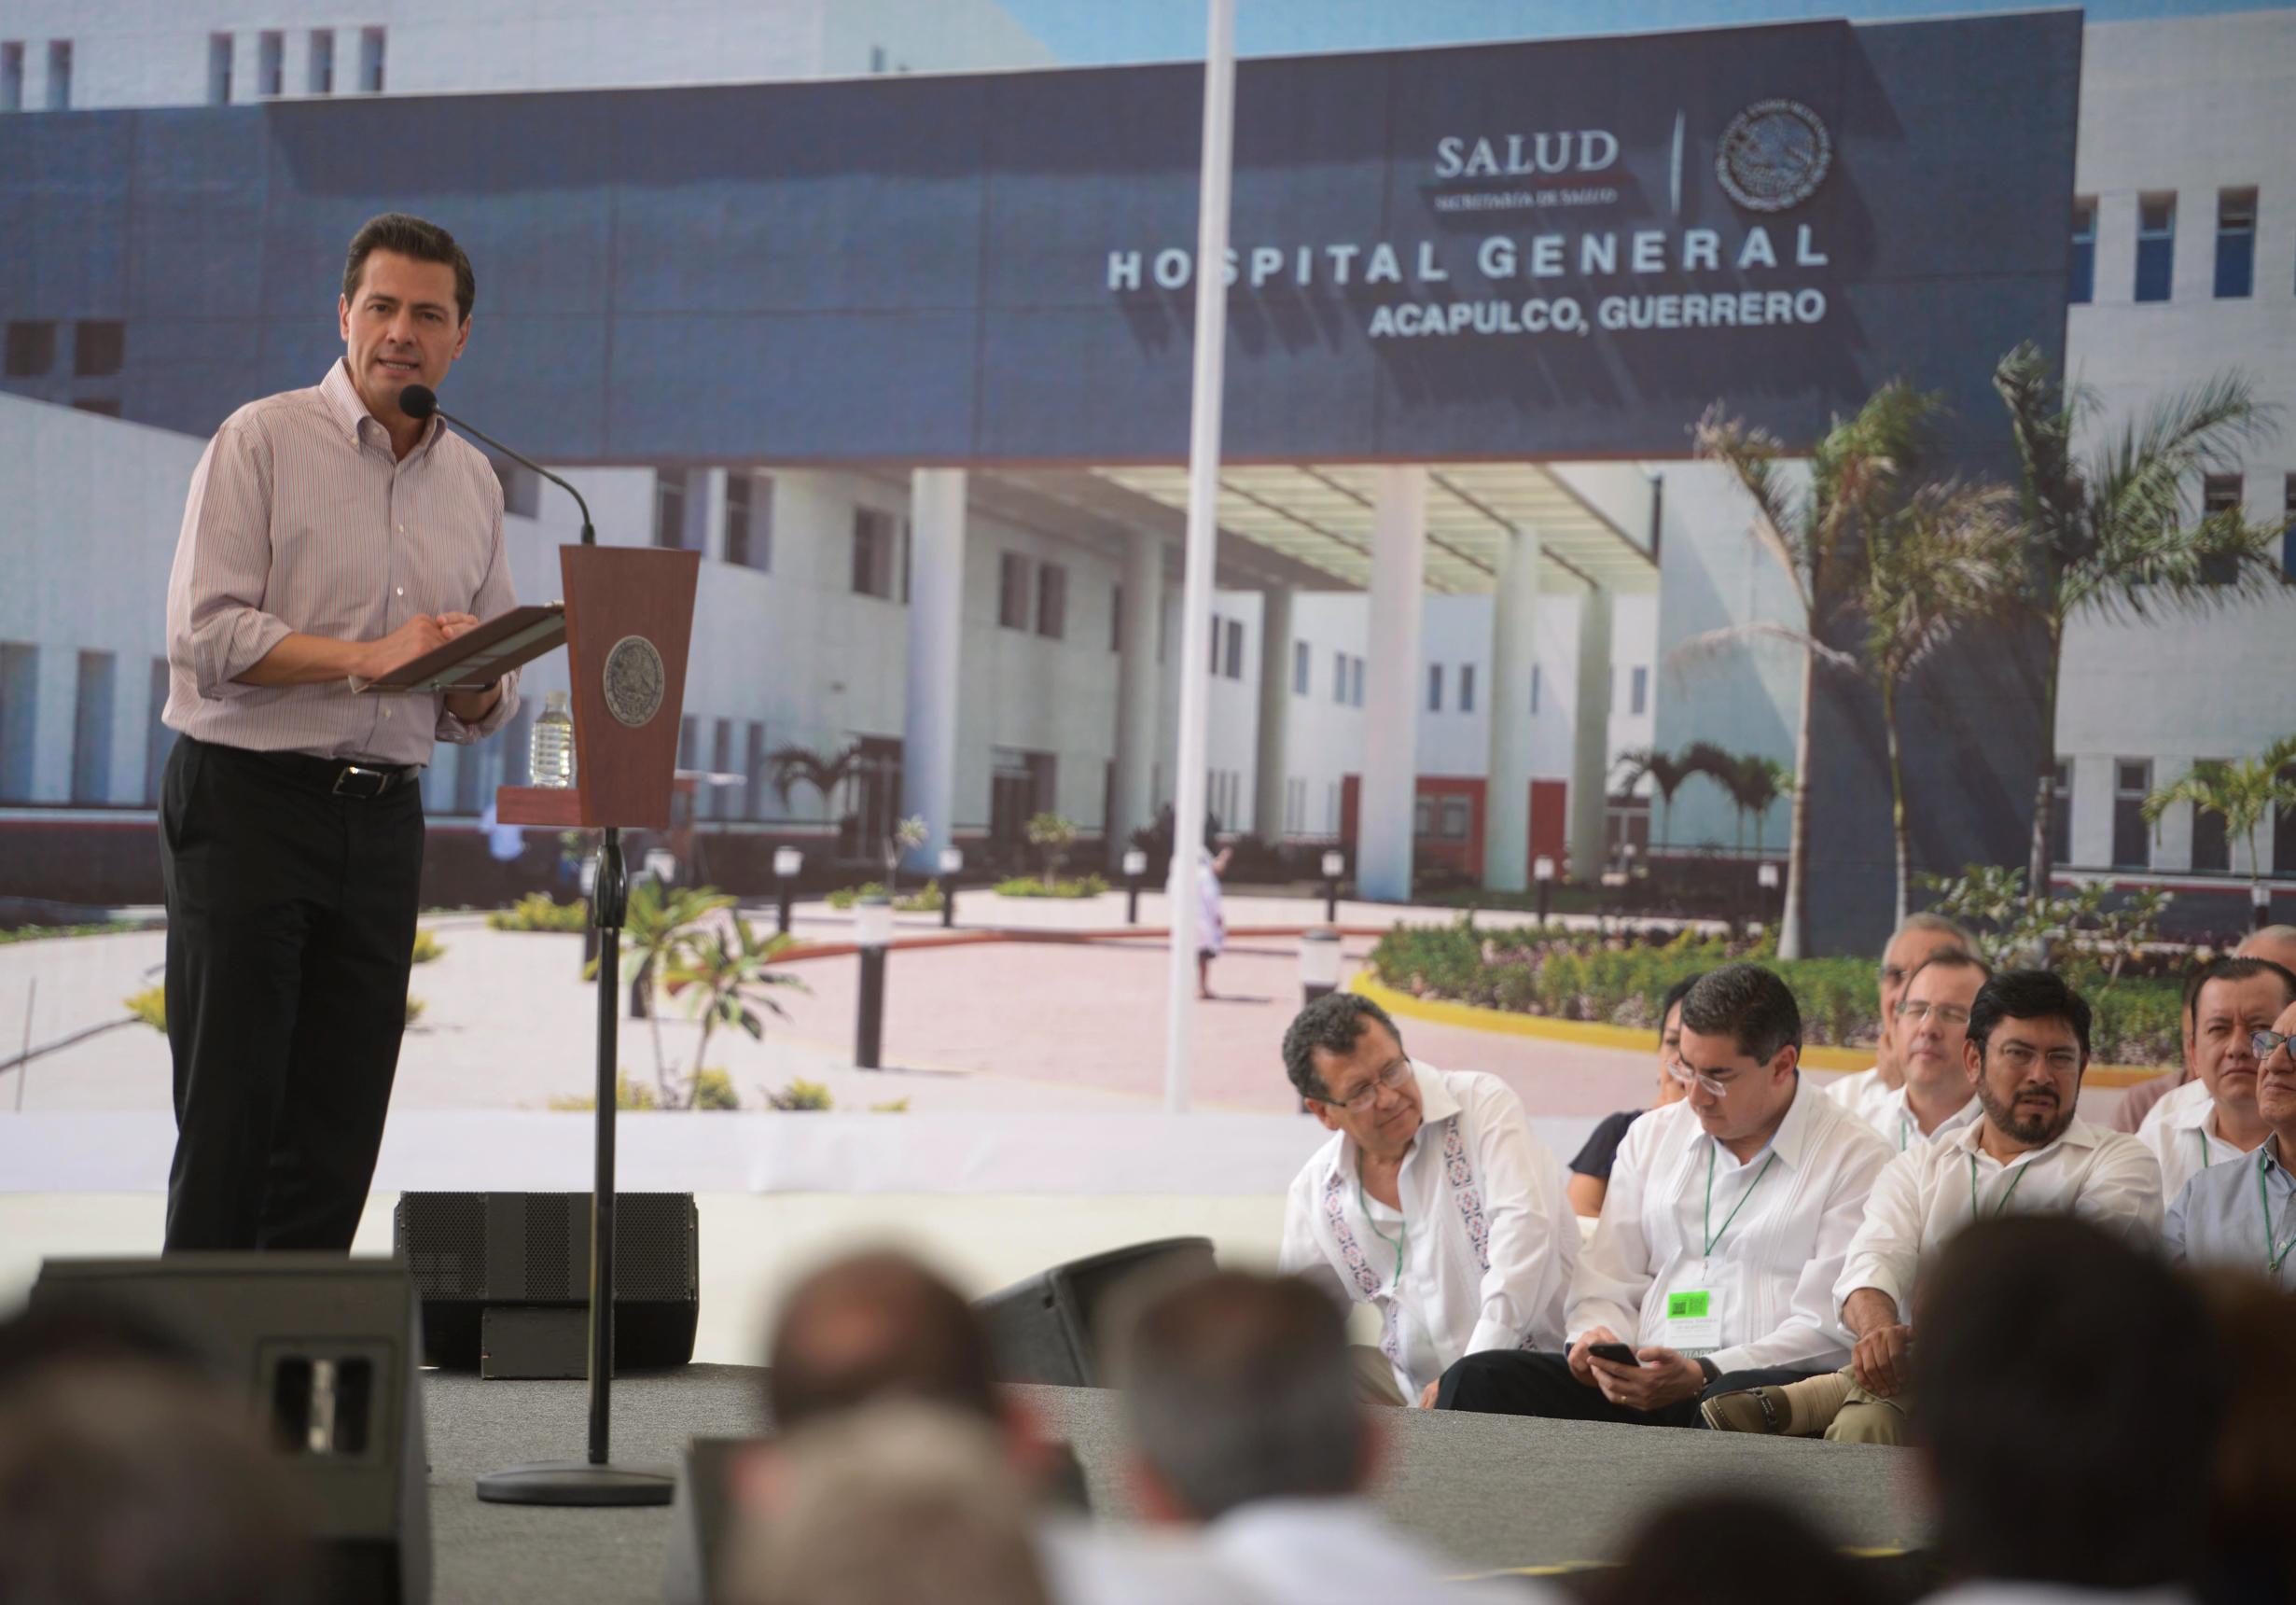 El Titular del Ejecutivo Federal dijo que el nuevo Hospital General de Acapulco fue una obra comprometida en una de las visitas que realizó a esta entidad para atender a la población afectada por los huracanesIngridyManuel, en 2013.